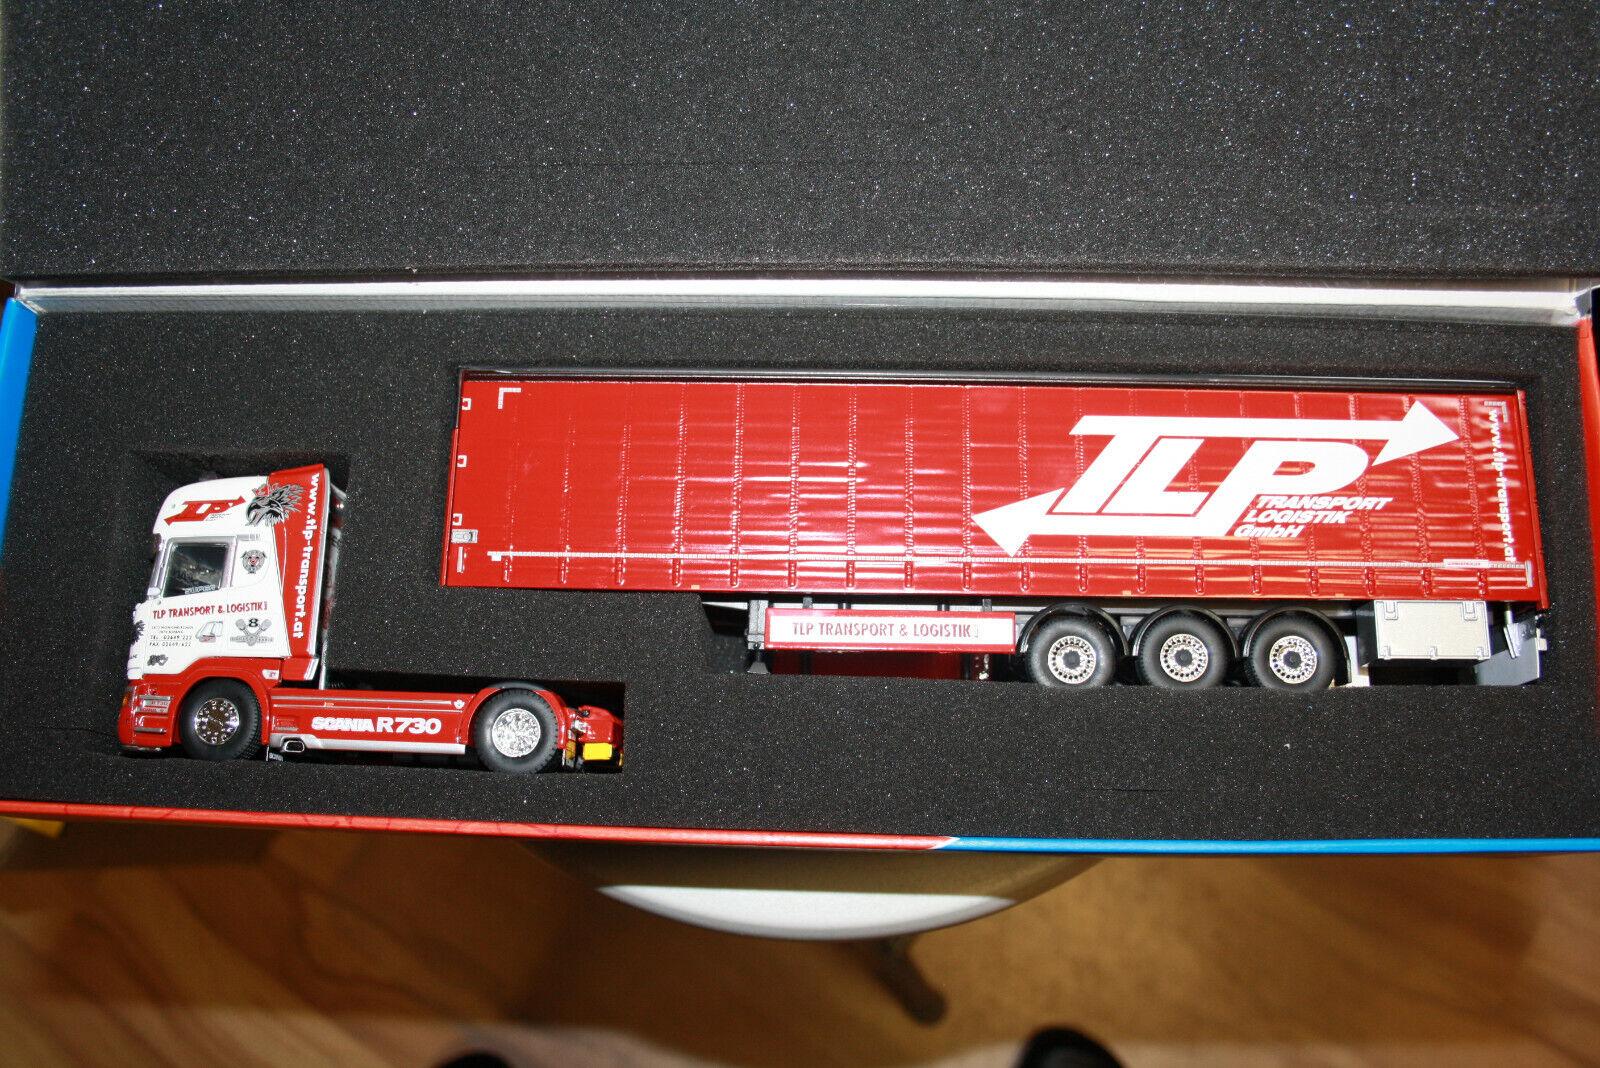 Tekno scania TPL GPSZ  TLP TRANSPORT & Logistik  Nº 68216